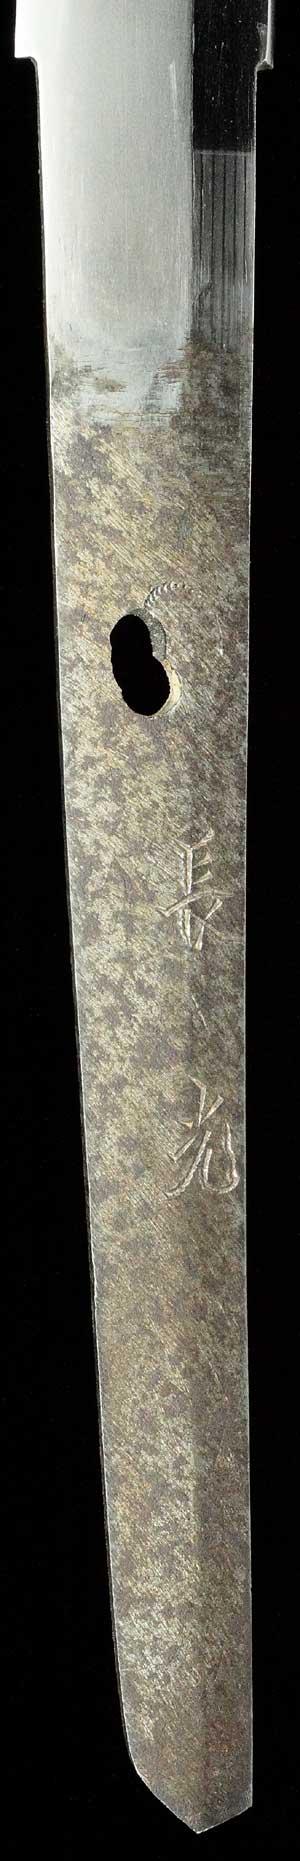 長光の茎写真